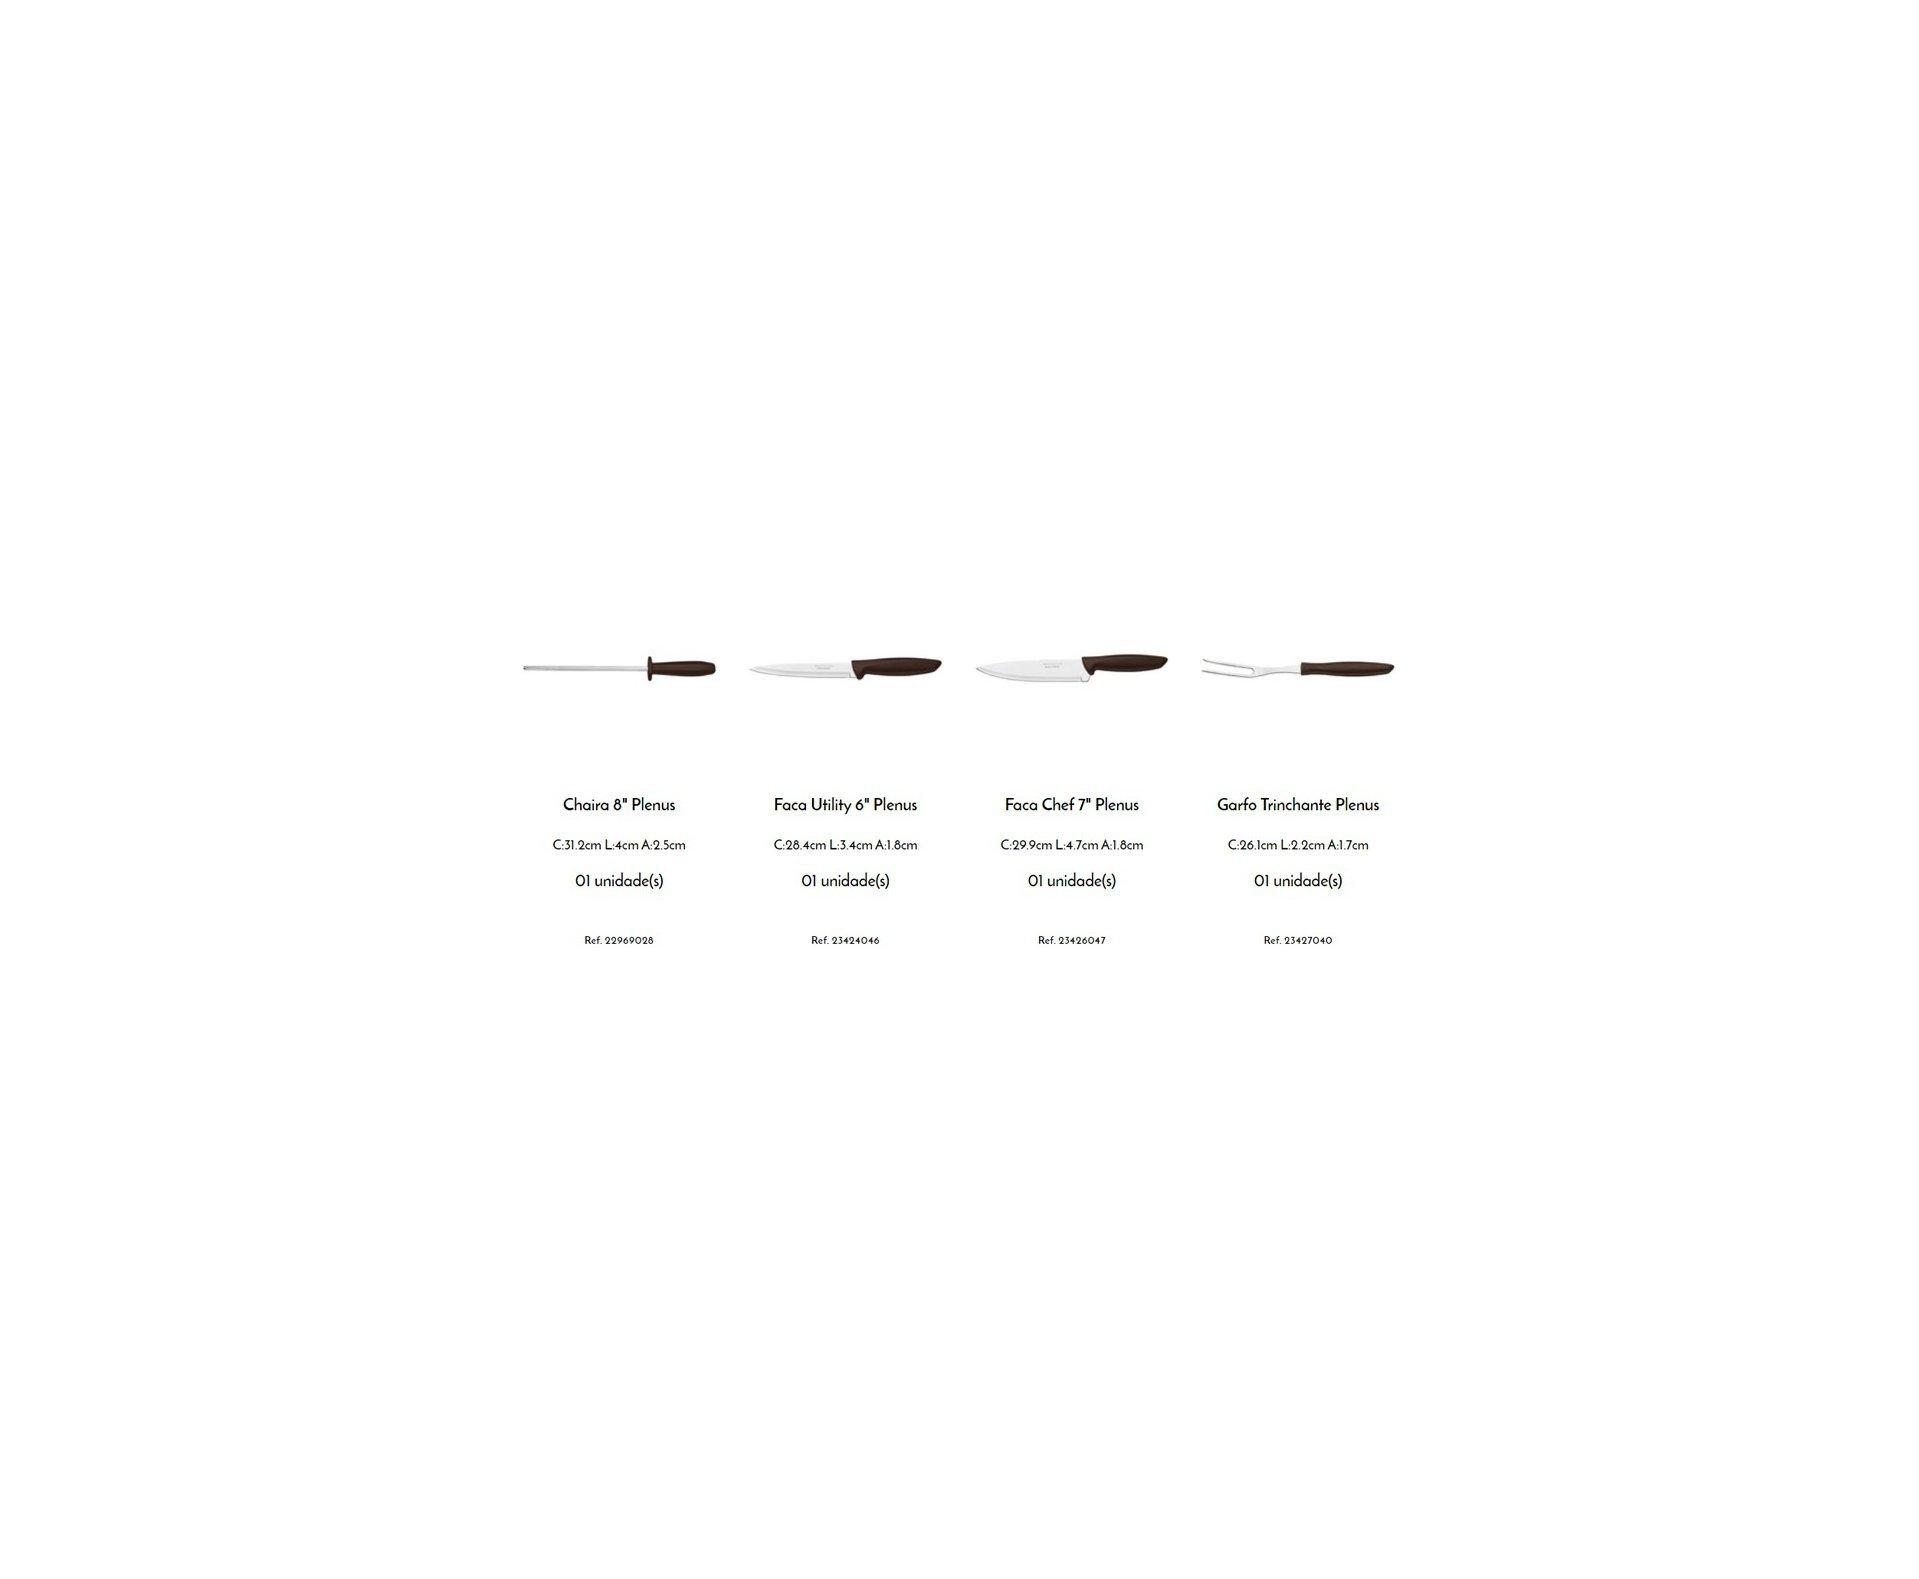 Kit para Churrasco Tramontina Plenus com Lâminas em Aço Inox e Cabos de Polipropileno Marrom 4 Peças